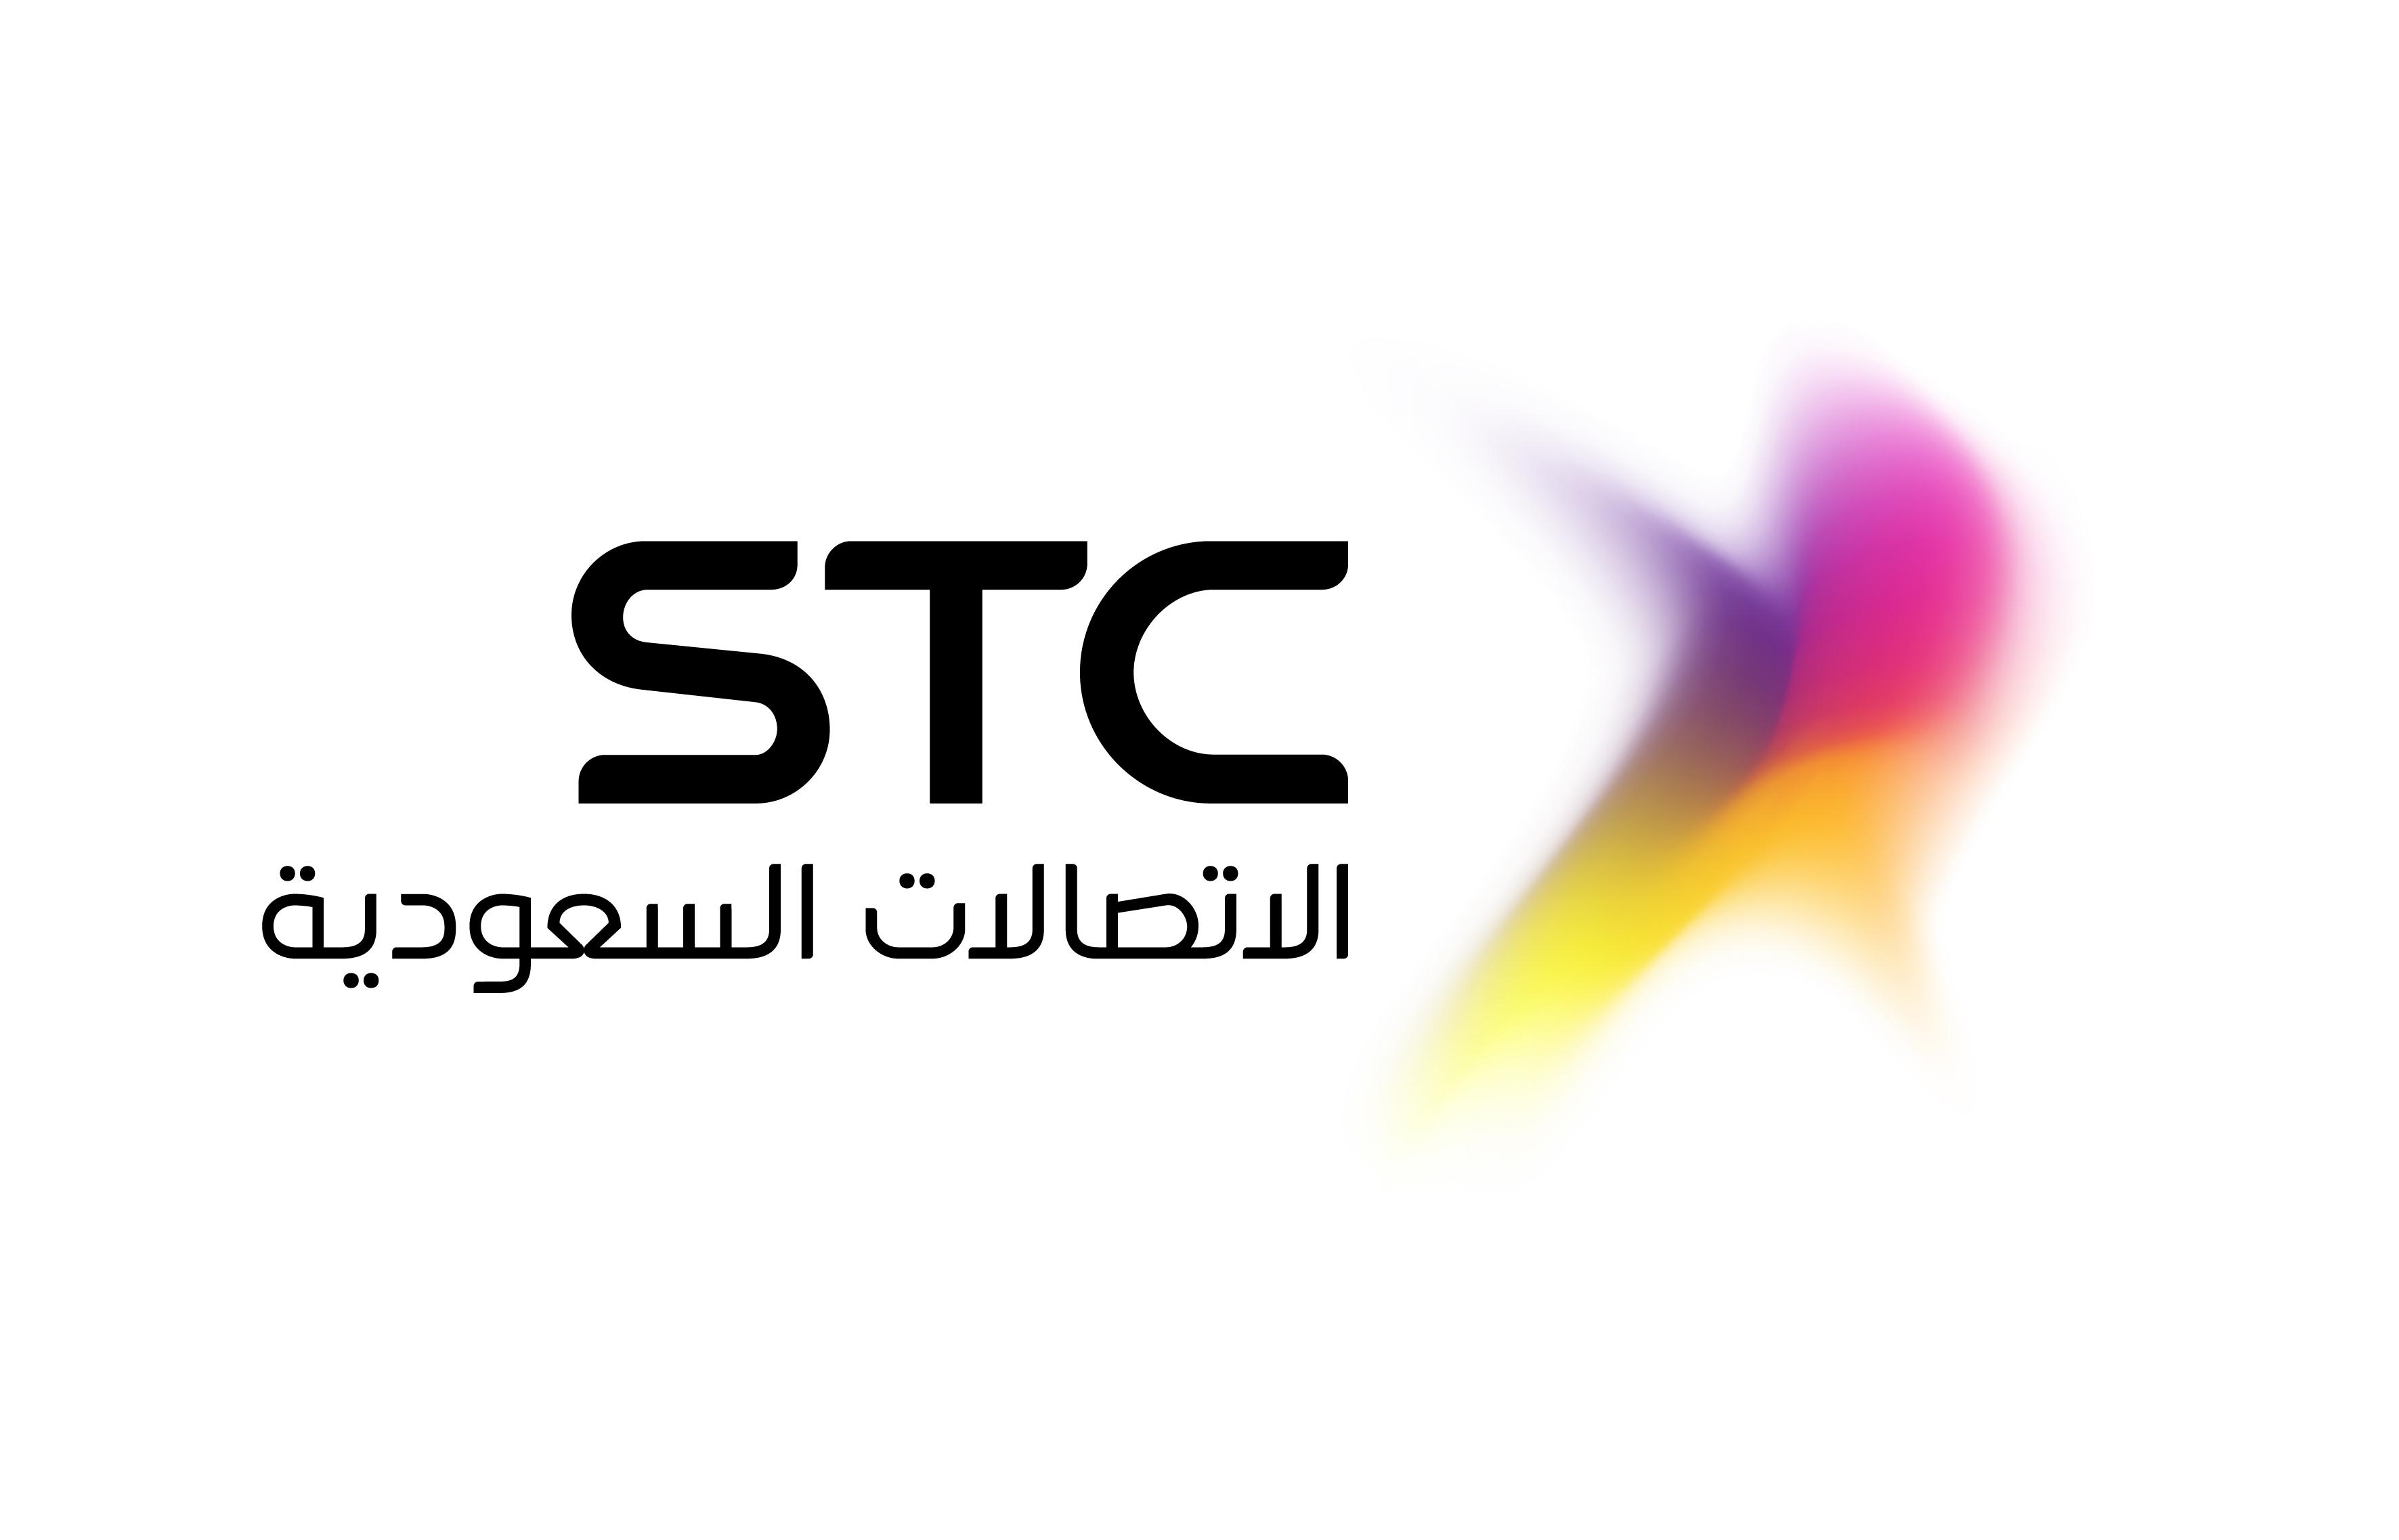 شركة الاتصالات السعودية تعلن عن وظيفة شاغرة